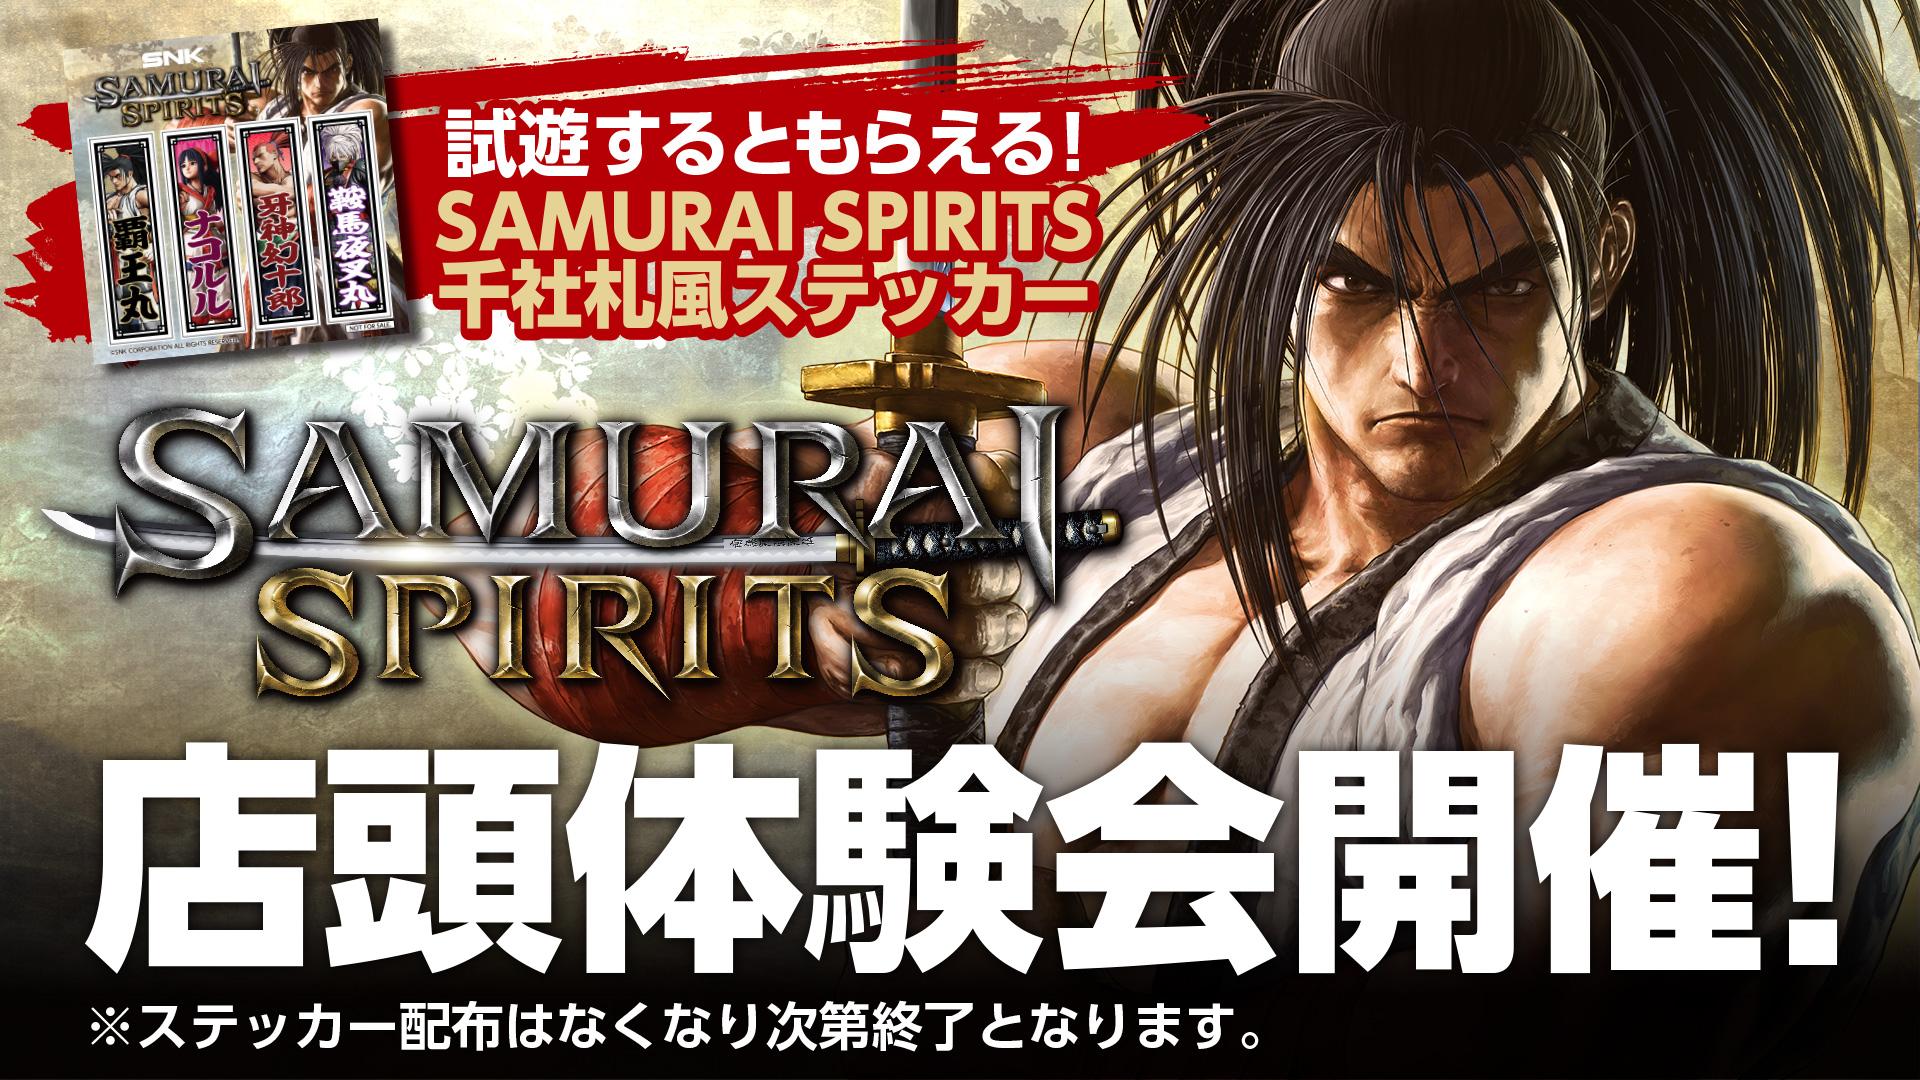 『SAMURAI SPIRITS』をいち早く楽しめる店頭体験会が開催!